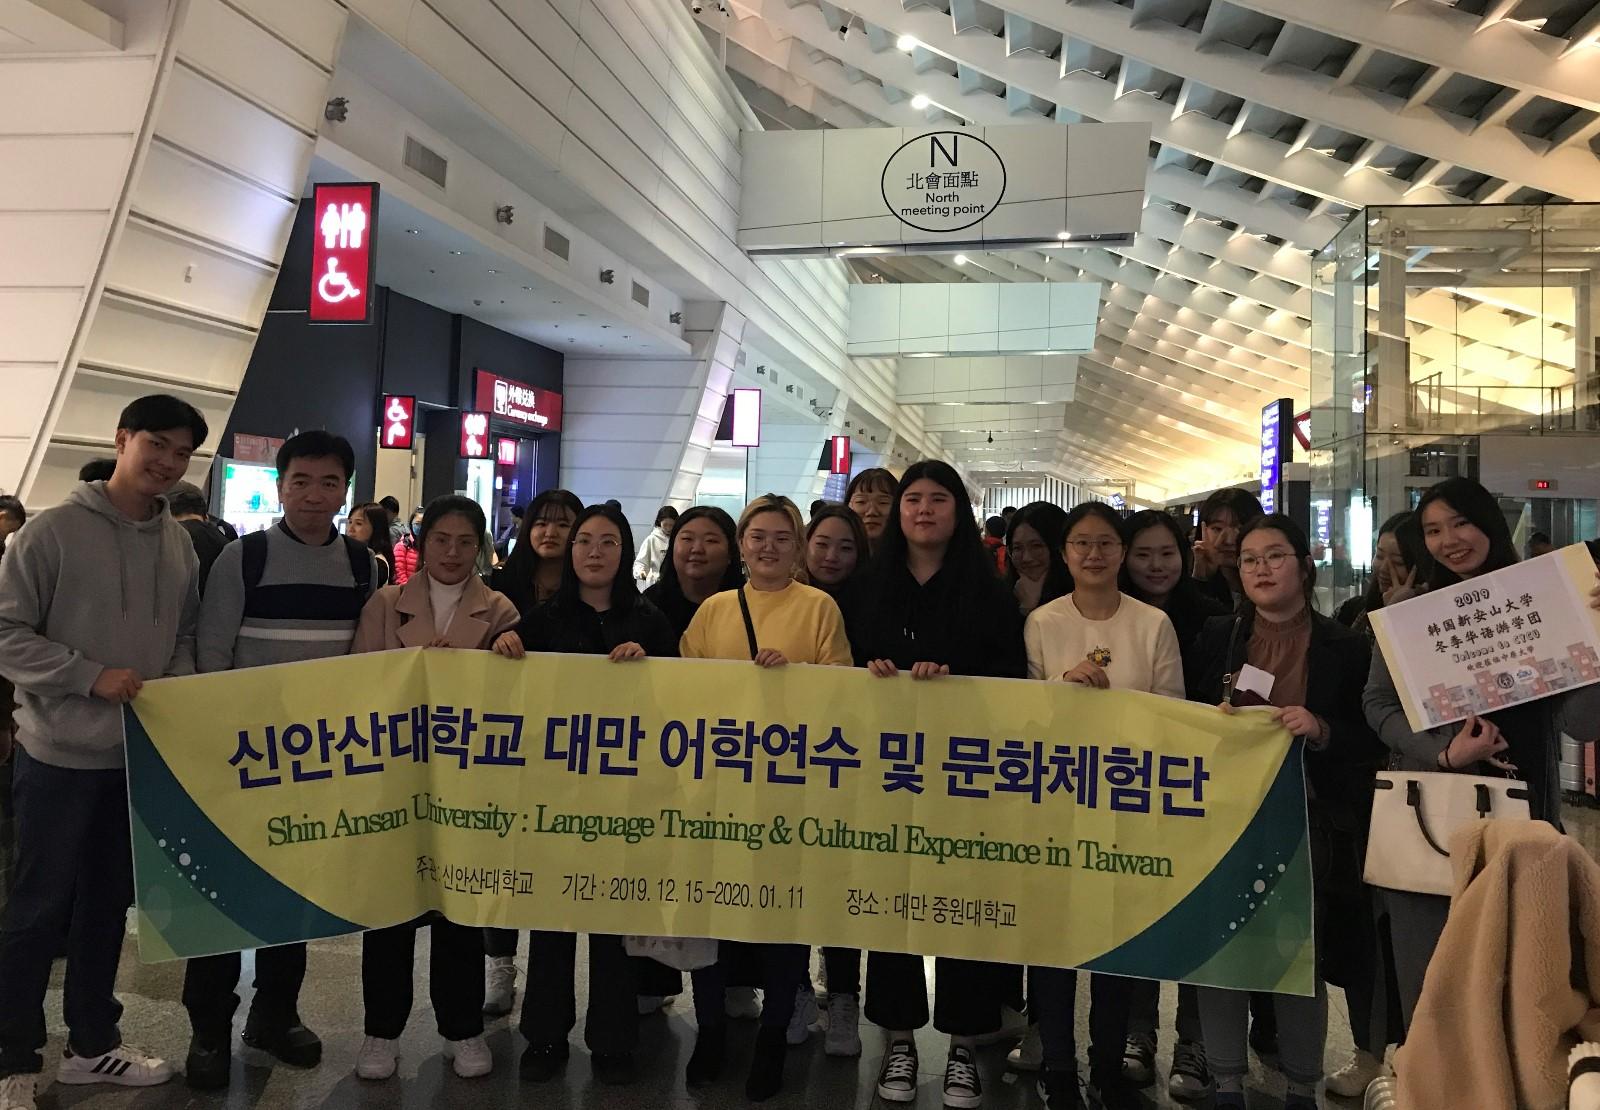 懷著興奮的心情,韓國新安山大學學生來台學習華語,接受中華文化薰陶。.jpg